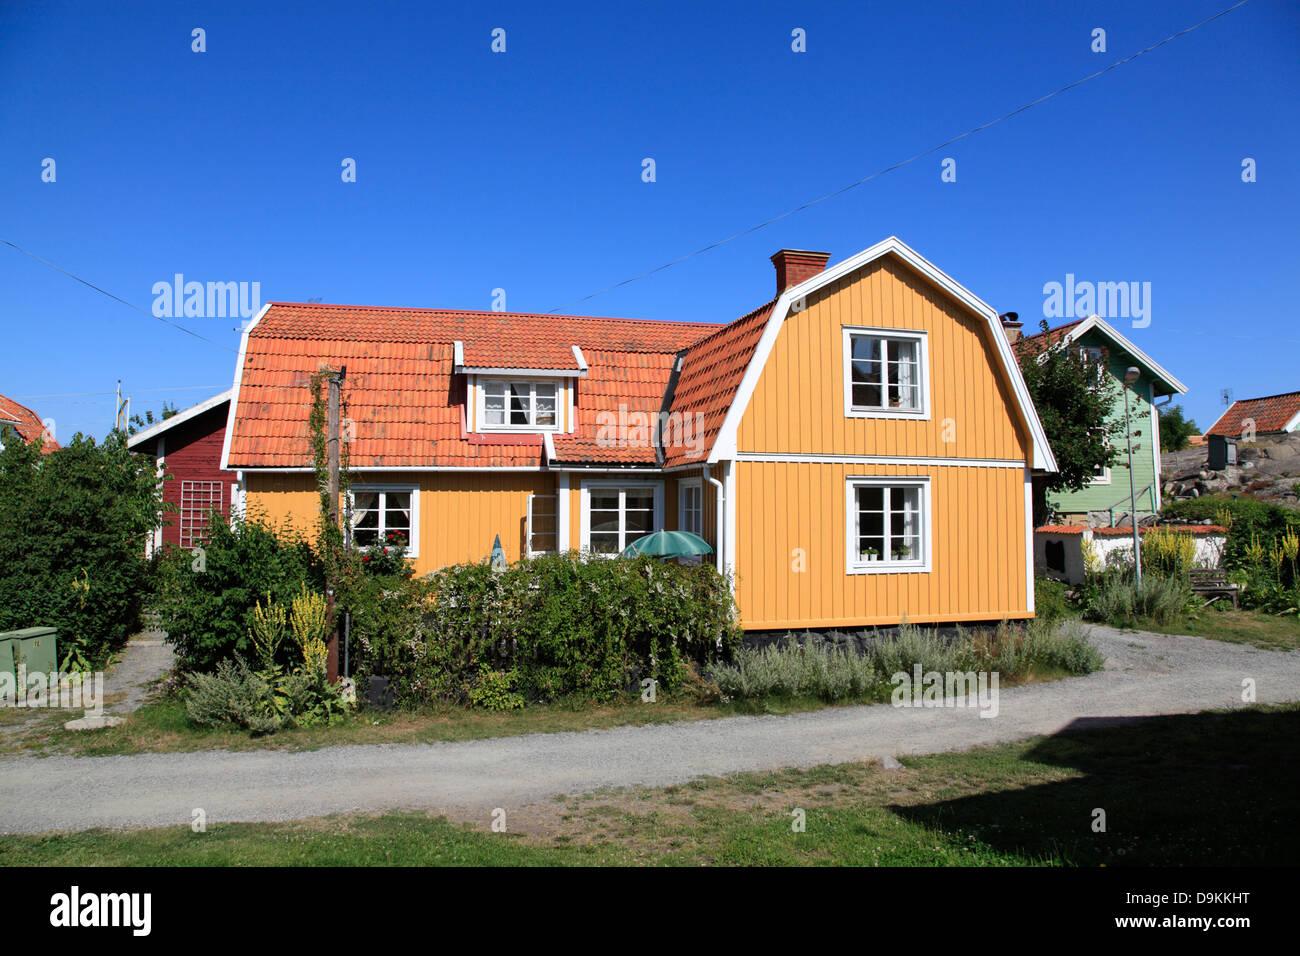 L'île de Landsort (Oeja), les maisons en bois, typiques de l'archipel de Stockholm, côte de la Photo Stock